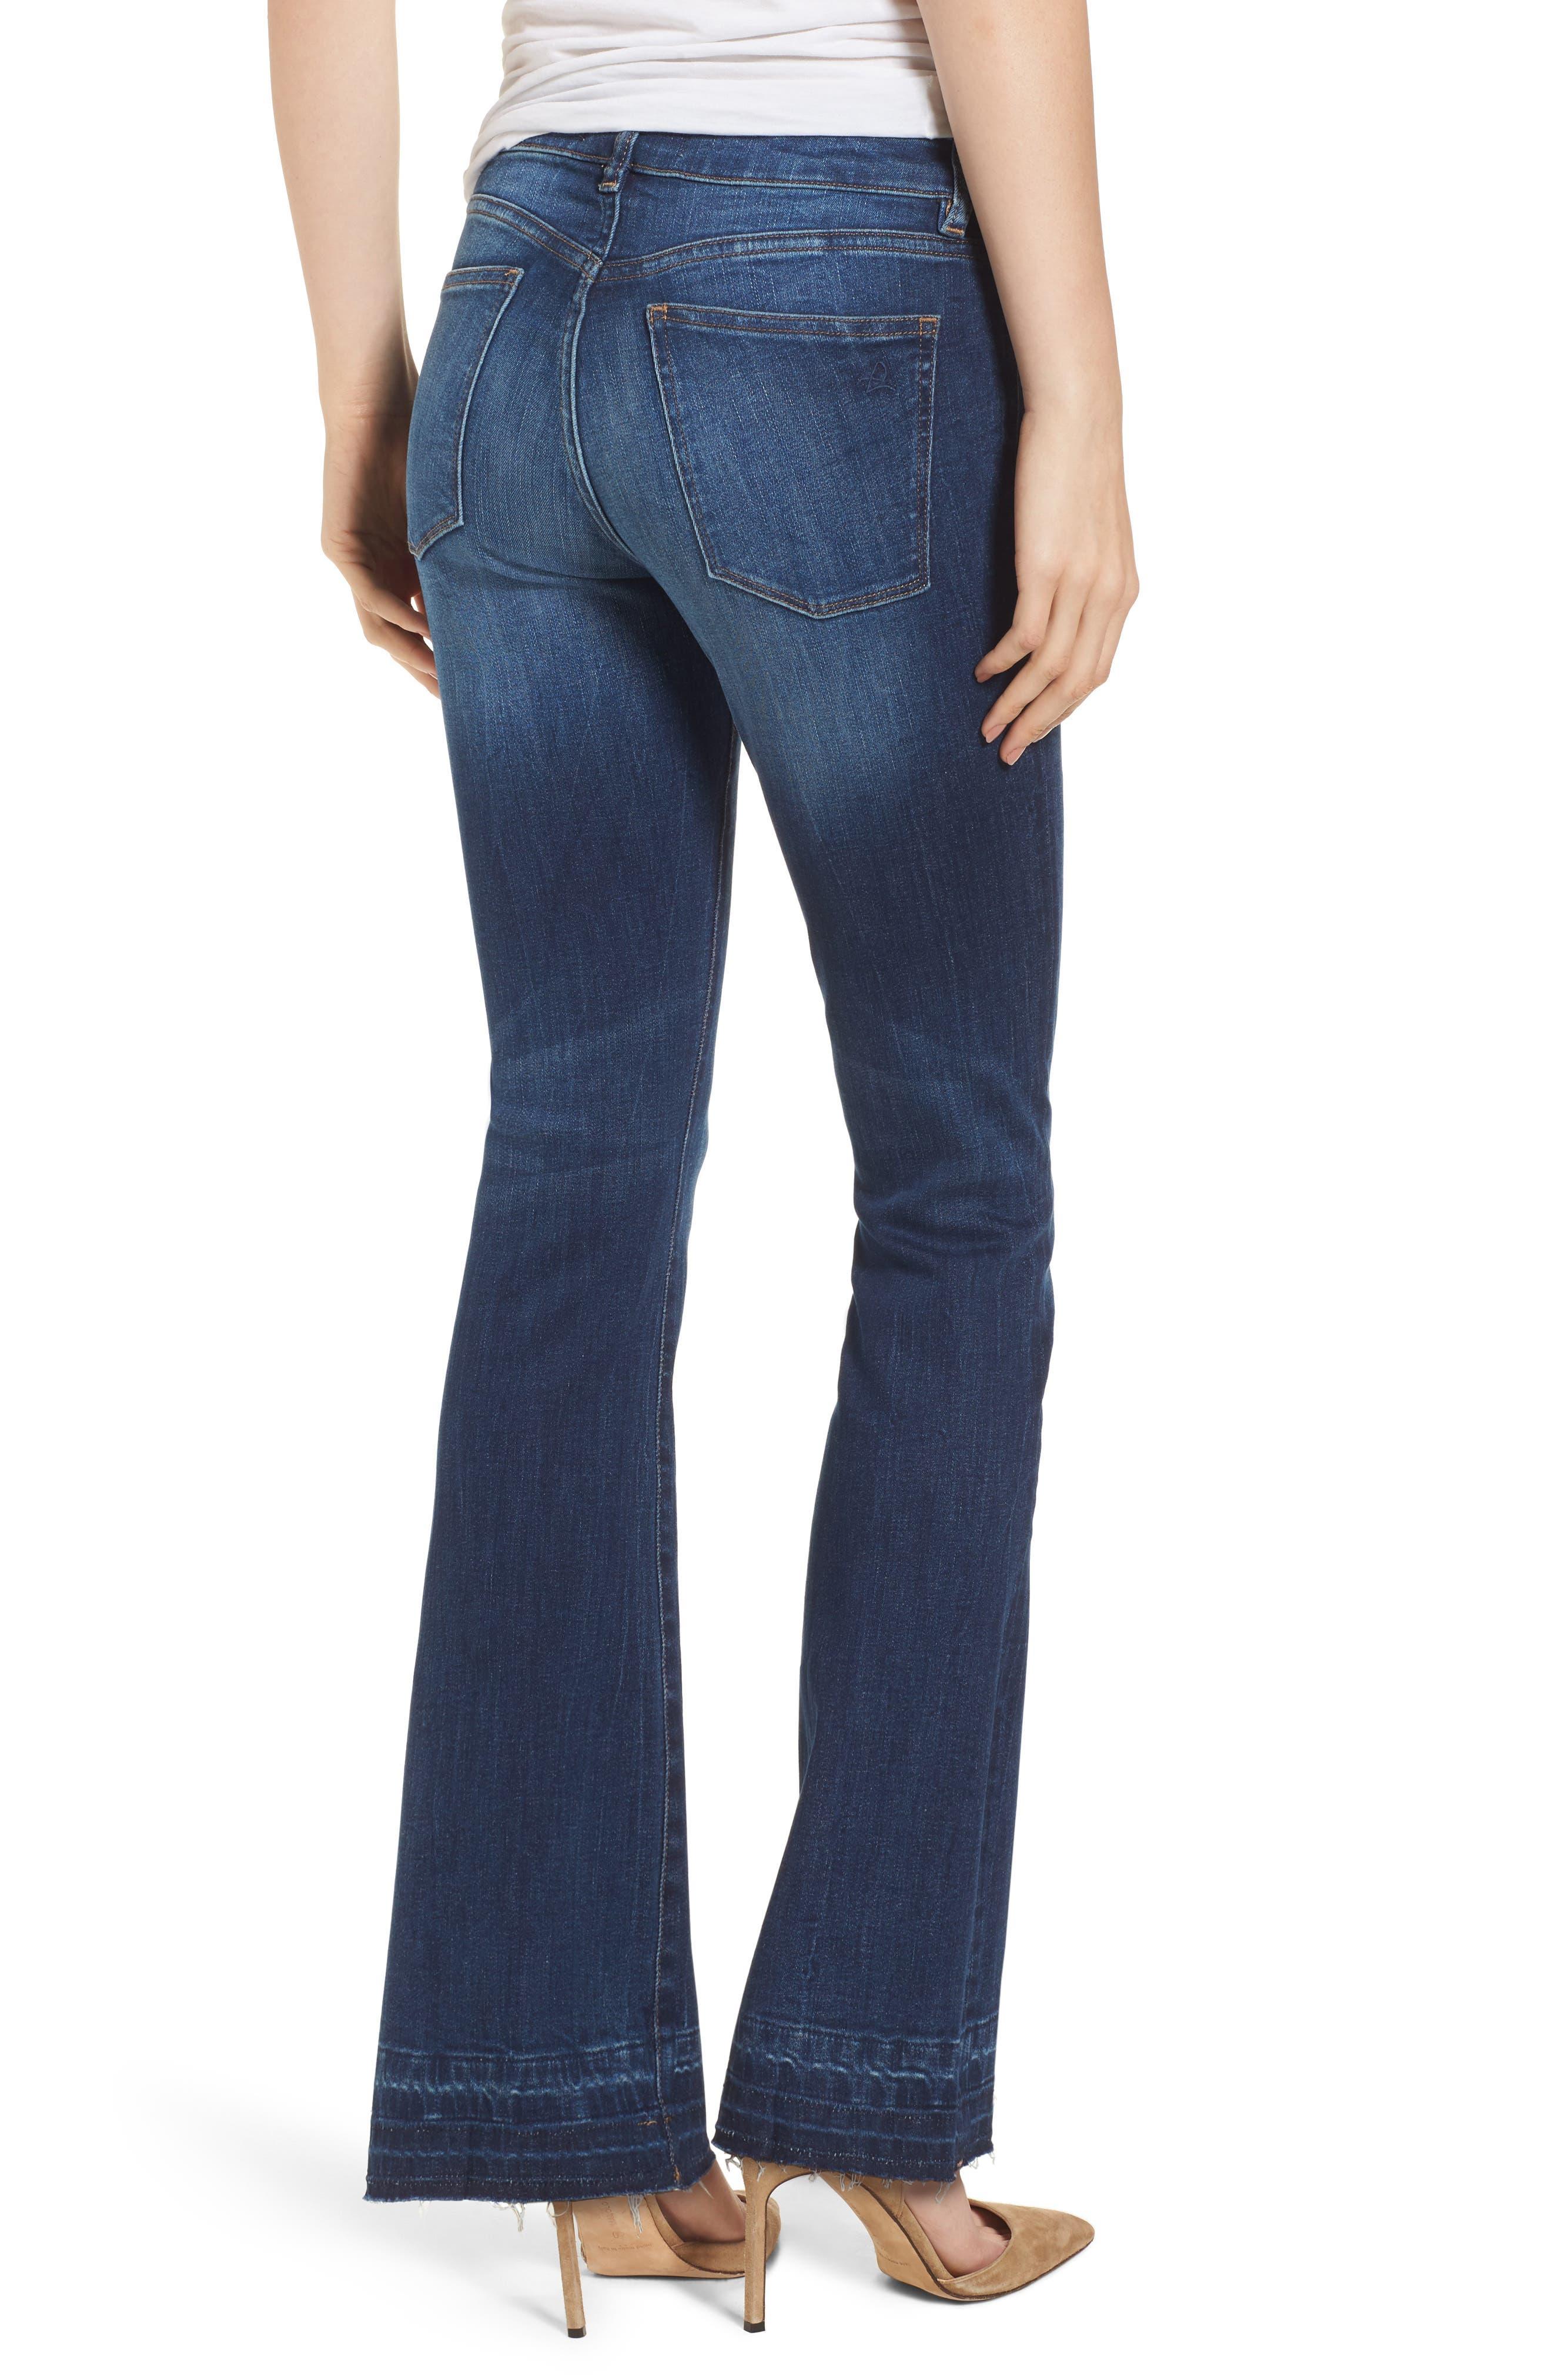 Bridget Instasculpt Bootcut Jeans,                             Alternate thumbnail 2, color,                             405